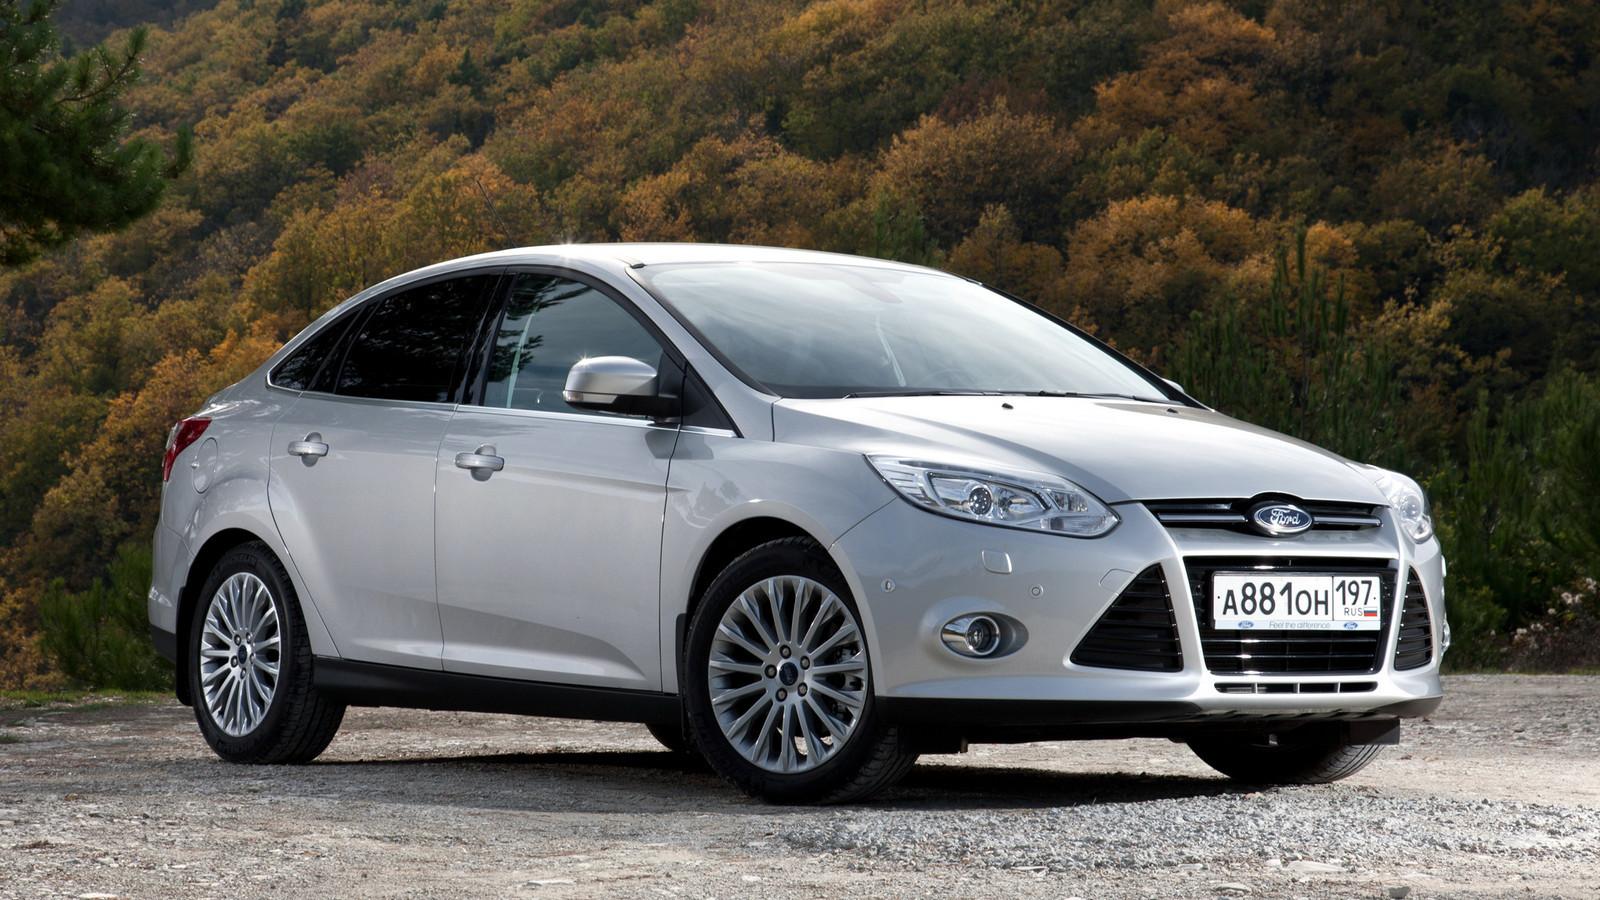 Нарынке авто спробегом Форд Focus уступил лидерство Хендай Solaris